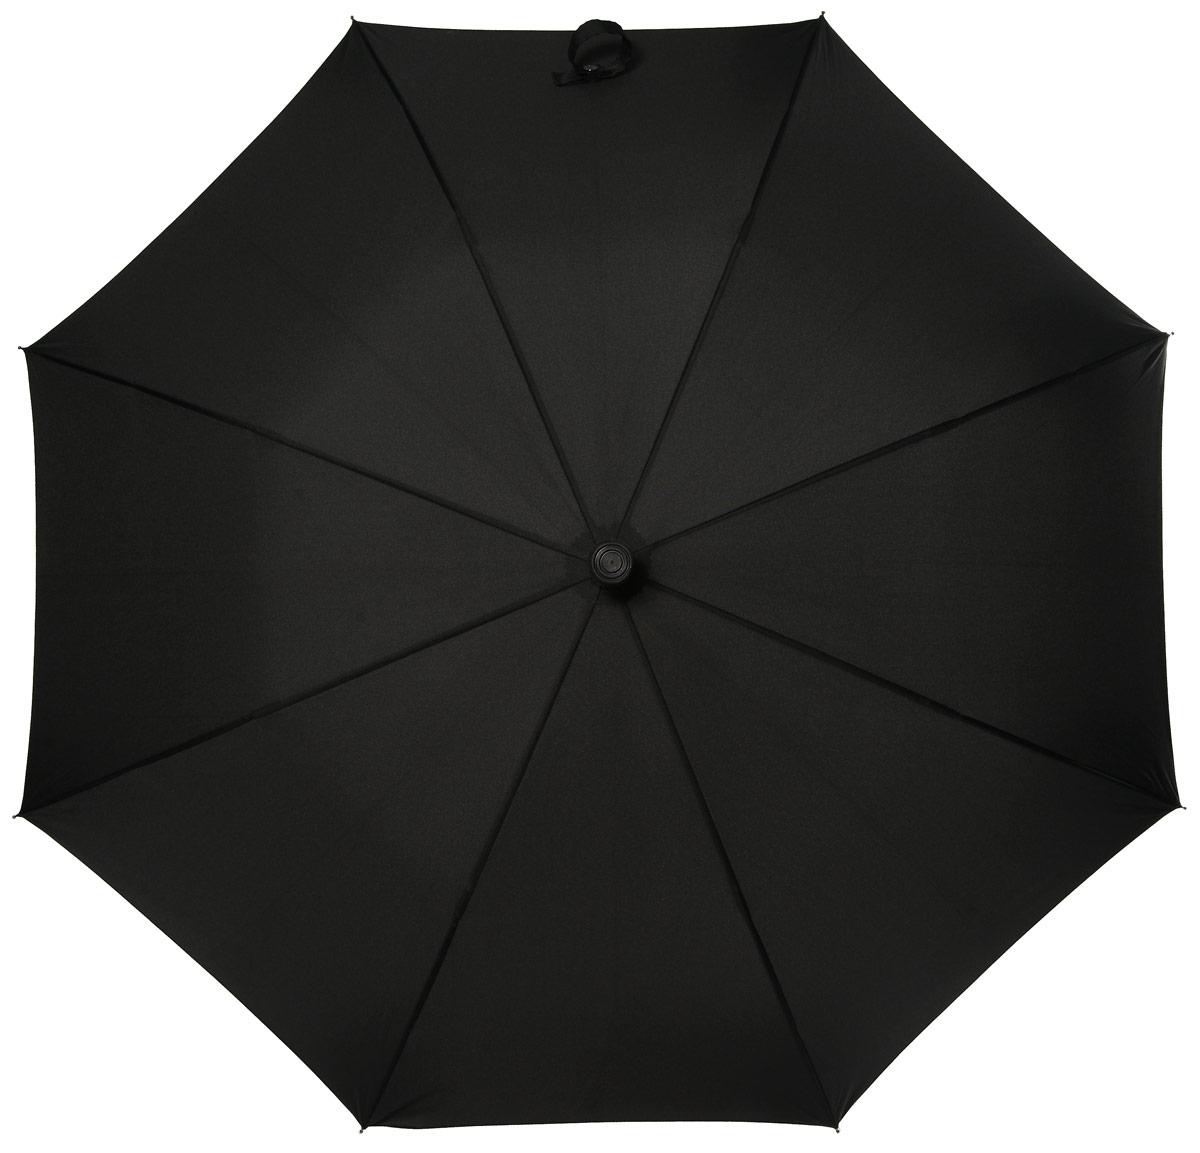 Зонт-трость мужской Fulton, механический, цвет: черный. G827-01Серьги с подвескамиКрепкий механический зонт-трость Fulton даже в ненастную погоду позволит вам оставаться стильным. Верхушка зонта имеет резиновый нескользящий наконечник. Легкий, но в тоже время прочный и ветроустойчивый каркас из фибергласса состоит из восьми спиц с износостойкими соединениями. Купол зонта выполнен из прочного полиэстера с водоотталкивающей пропиткой. Рукоятка закругленной формы, разработанная с учетом требований эргономики, выполнена из пластика.Зонт механического сложения: купол открывается и закрывается вручную до характерного щелчка.